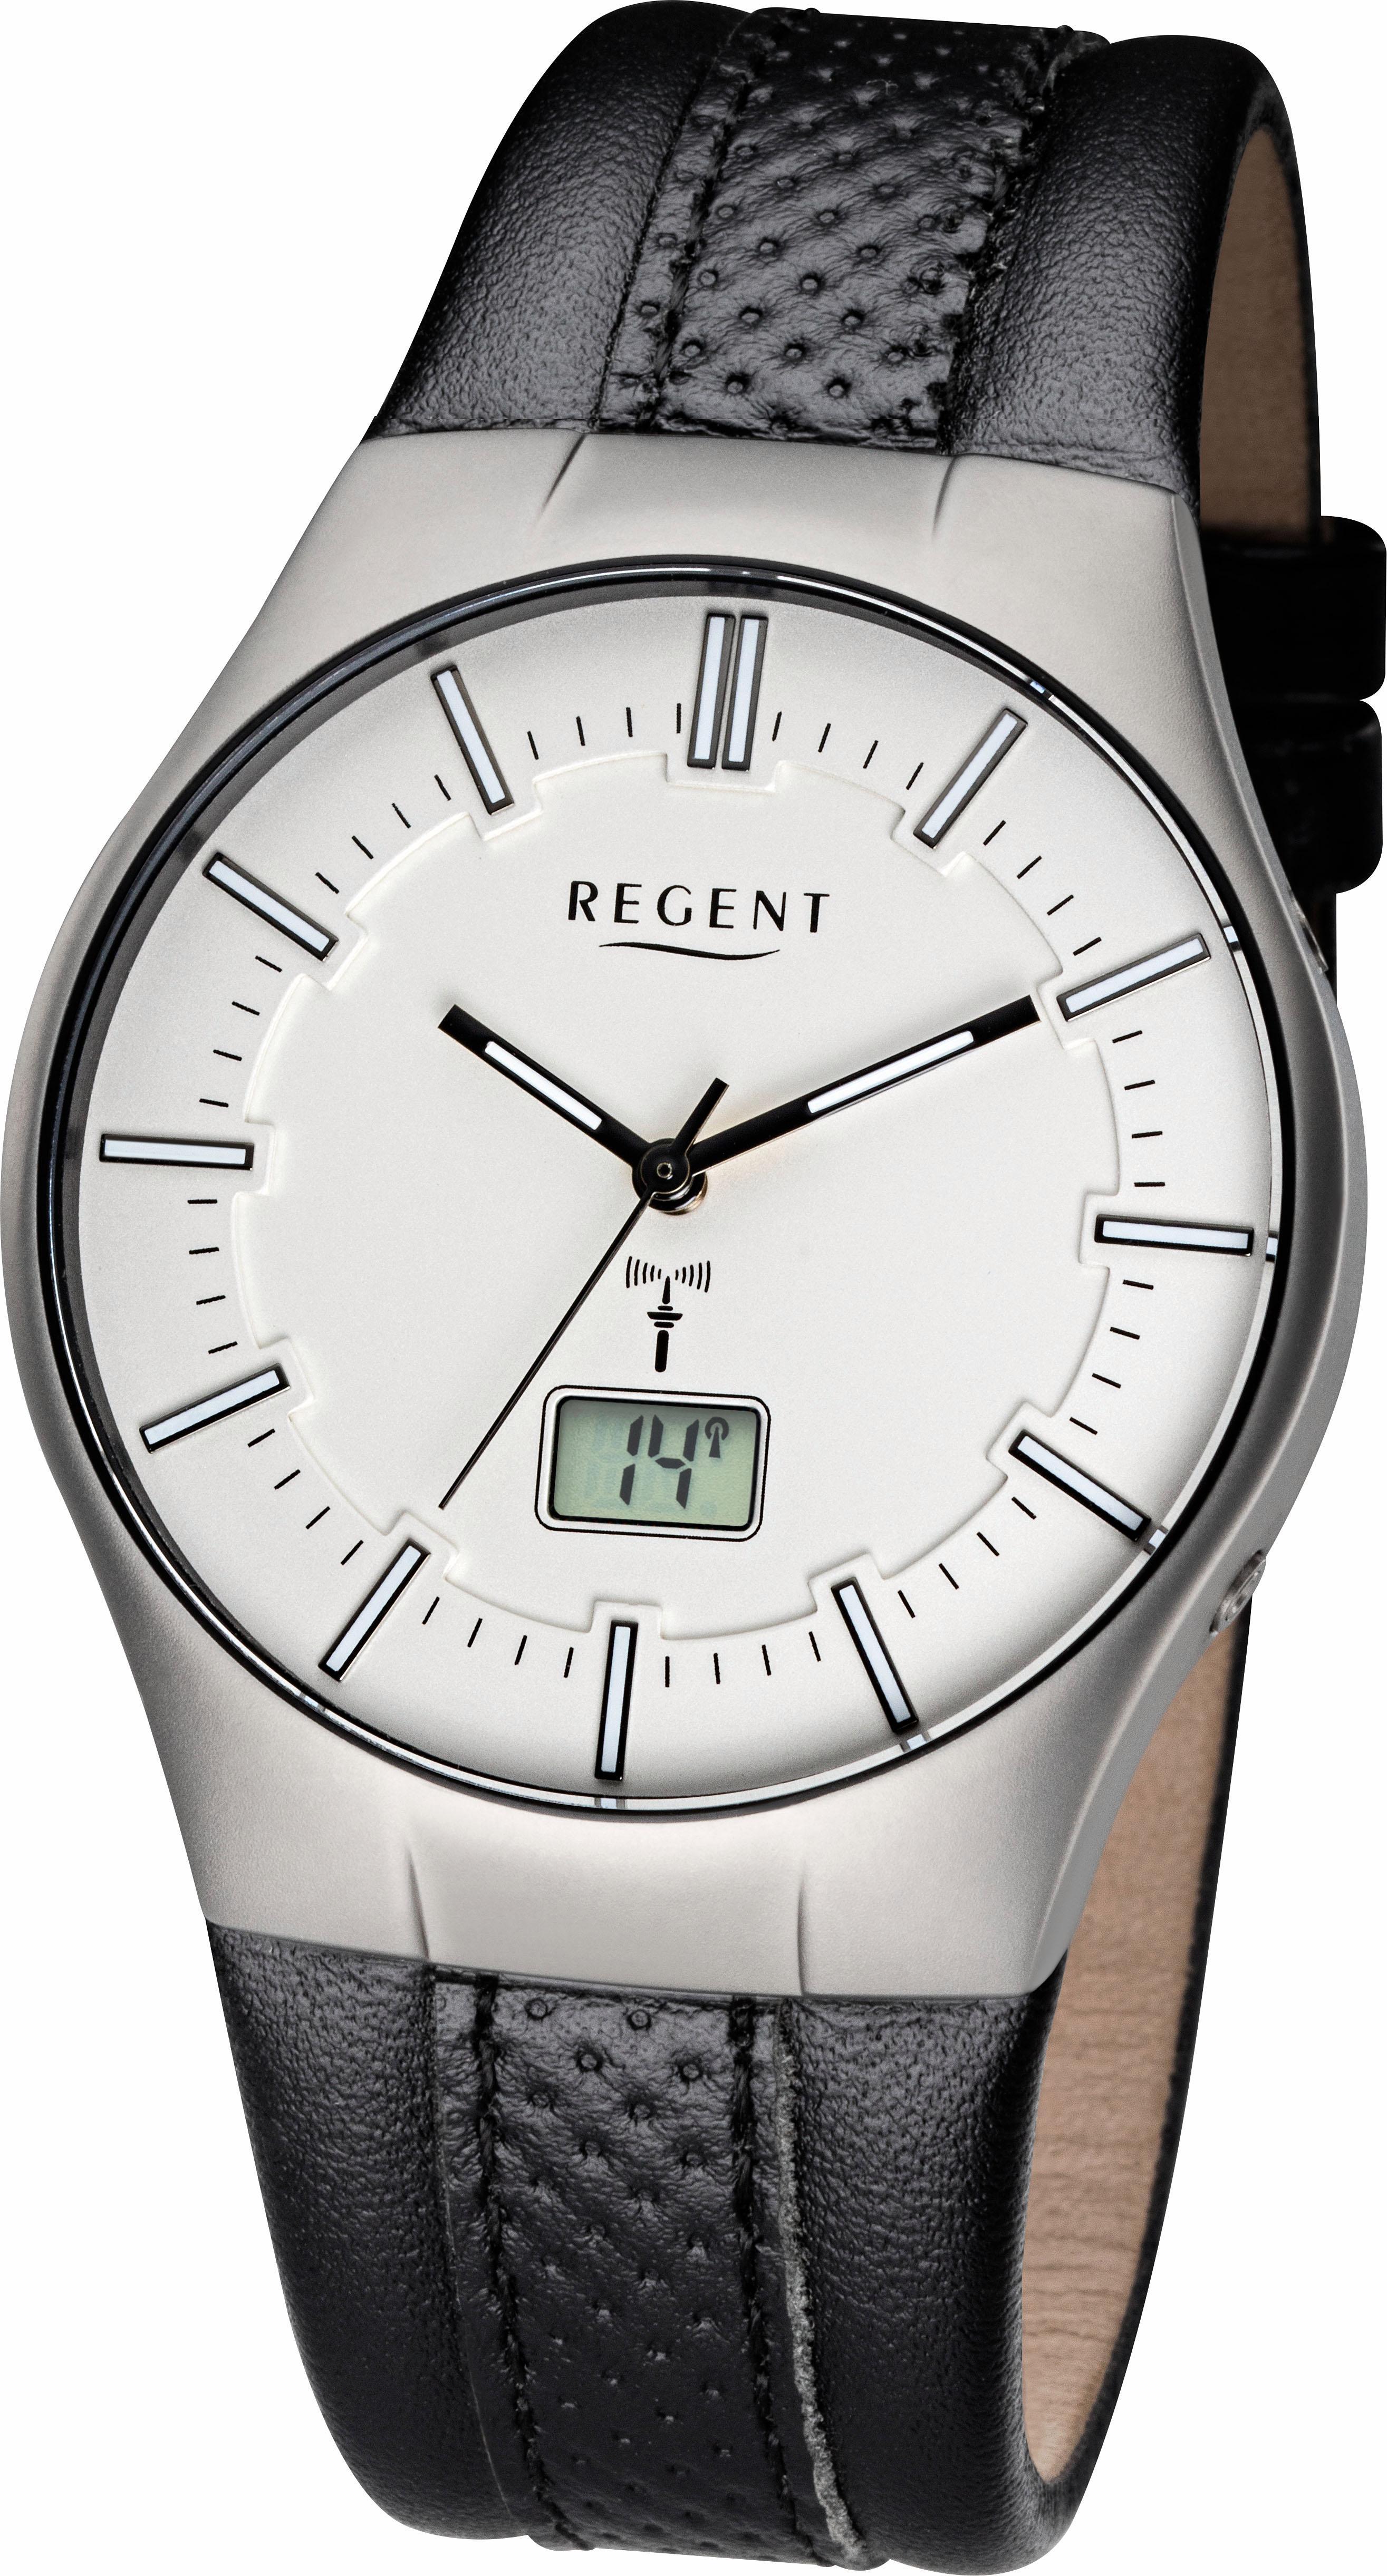 Regent Funkuhr 11030140-FR217 | Uhren > Funkuhren | Regent